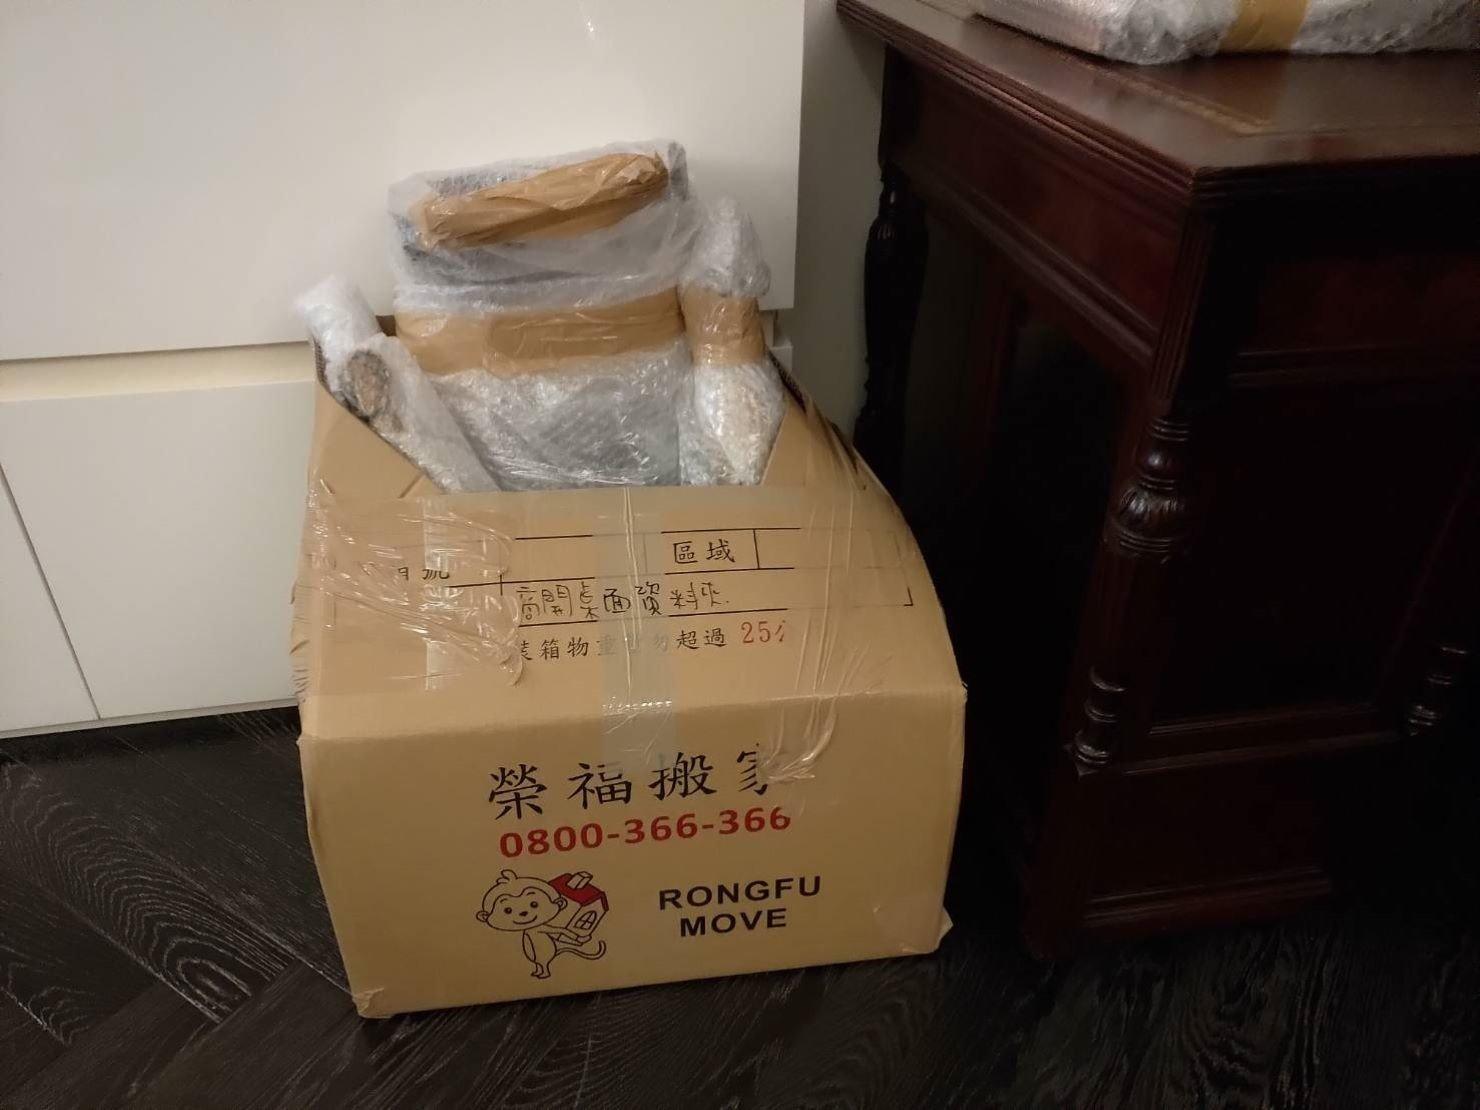 台北搬家公司推薦【榮福搬家公司】搬鋼琴、搬三角琴、鋼琴搬運,值得您來選擇:YAMAHA鋼琴踏板、琴腳包裝-以氣泡捲做防護,避免摩擦碰撞,最後裝進搬家用紙箱更加安全。